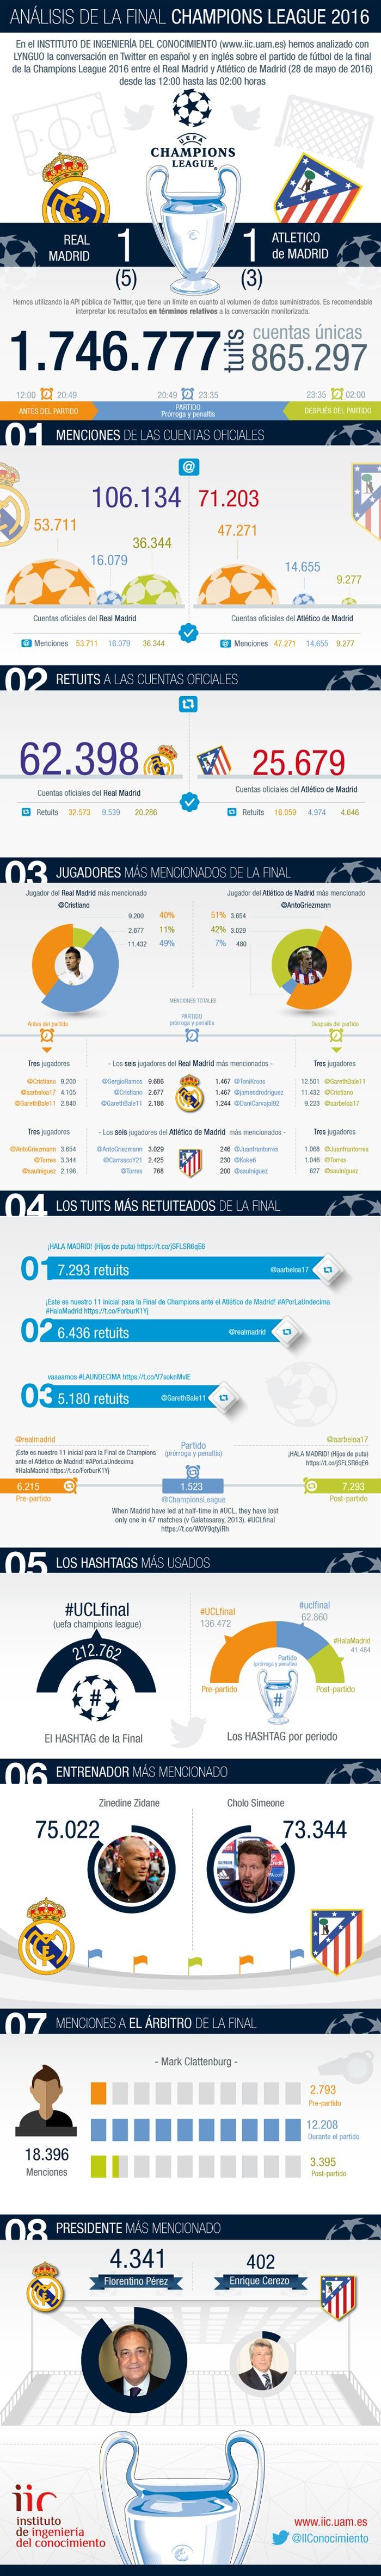 infografia-champions